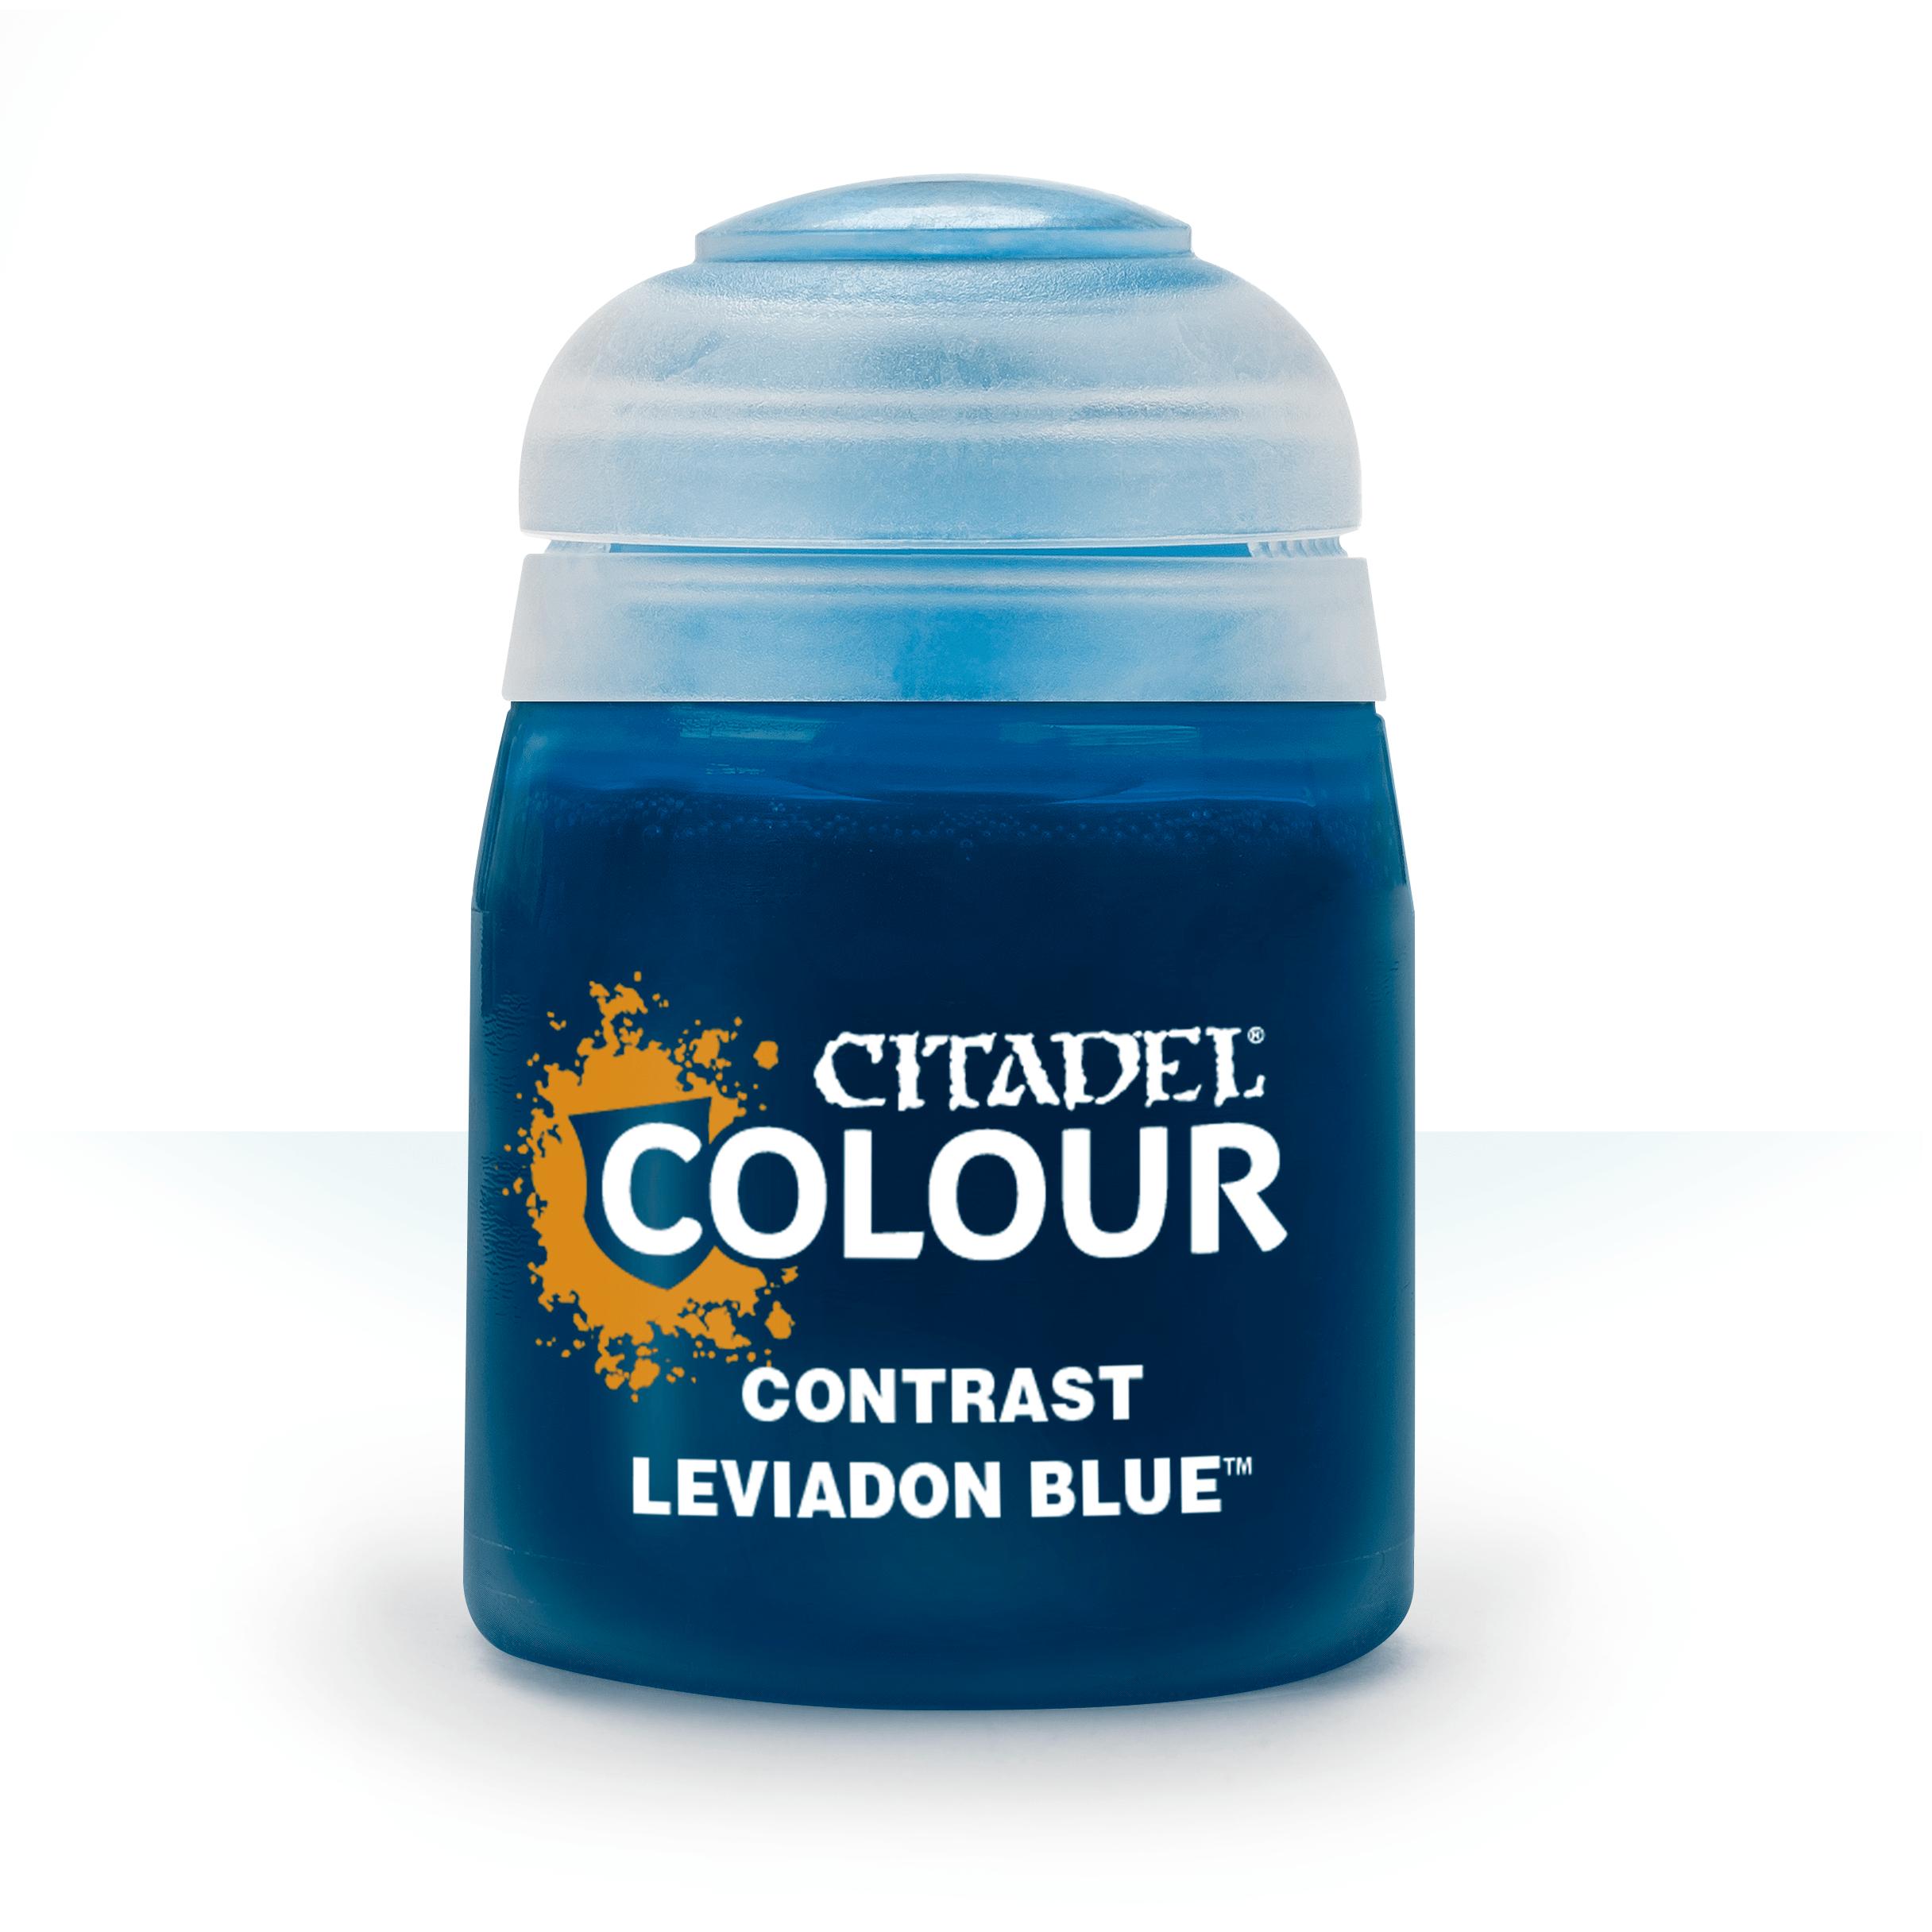 CONTRAST: LEVIADON BLUE